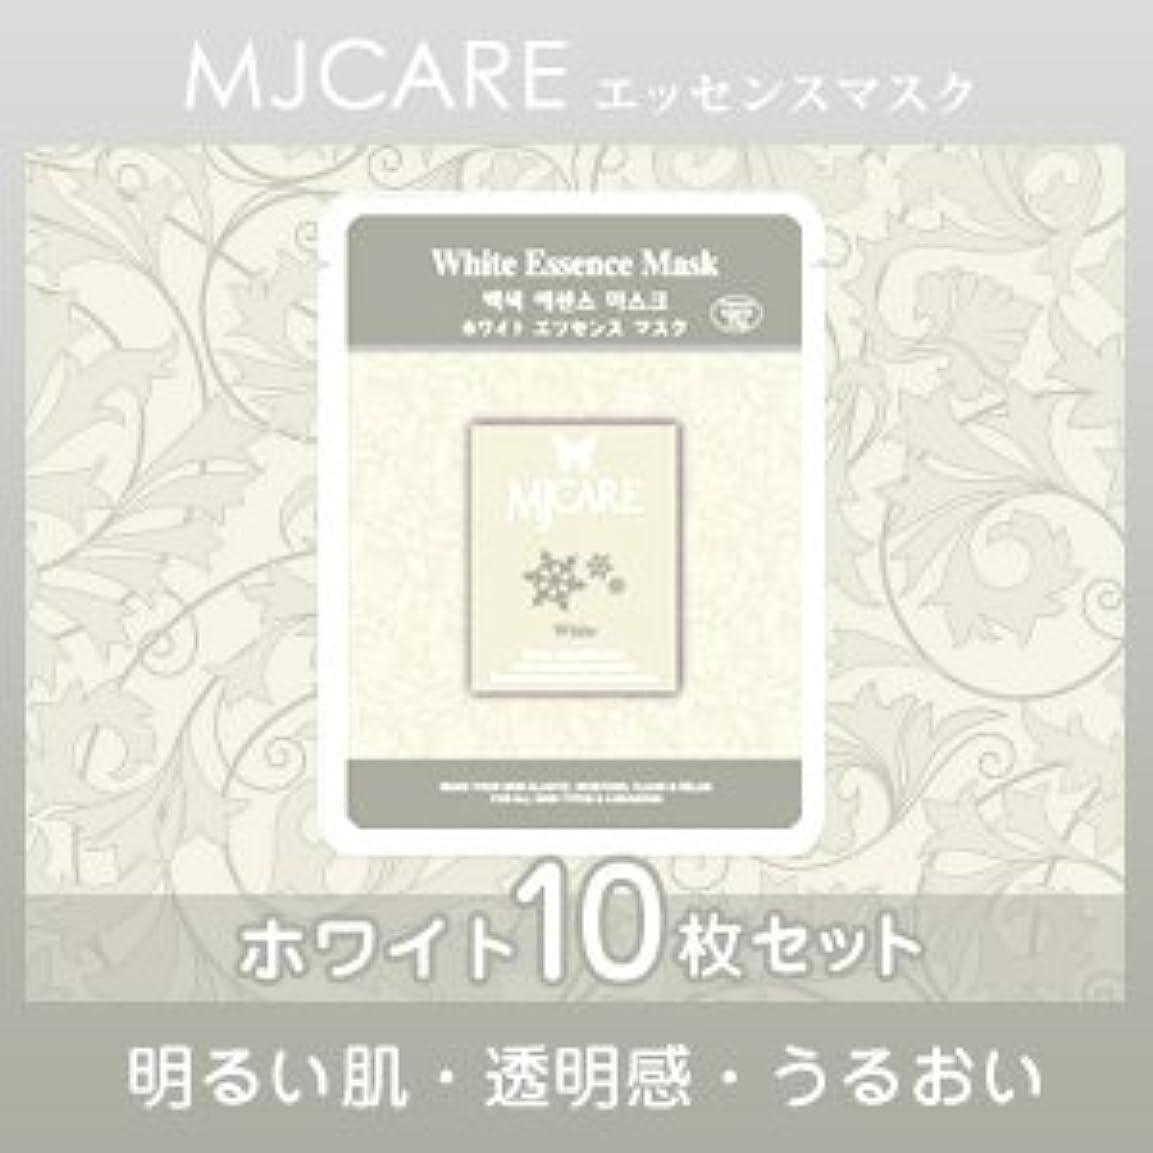 生む特殊祝うMJCARE (エムジェイケア) ホワイト エッセンスマスク 10セット